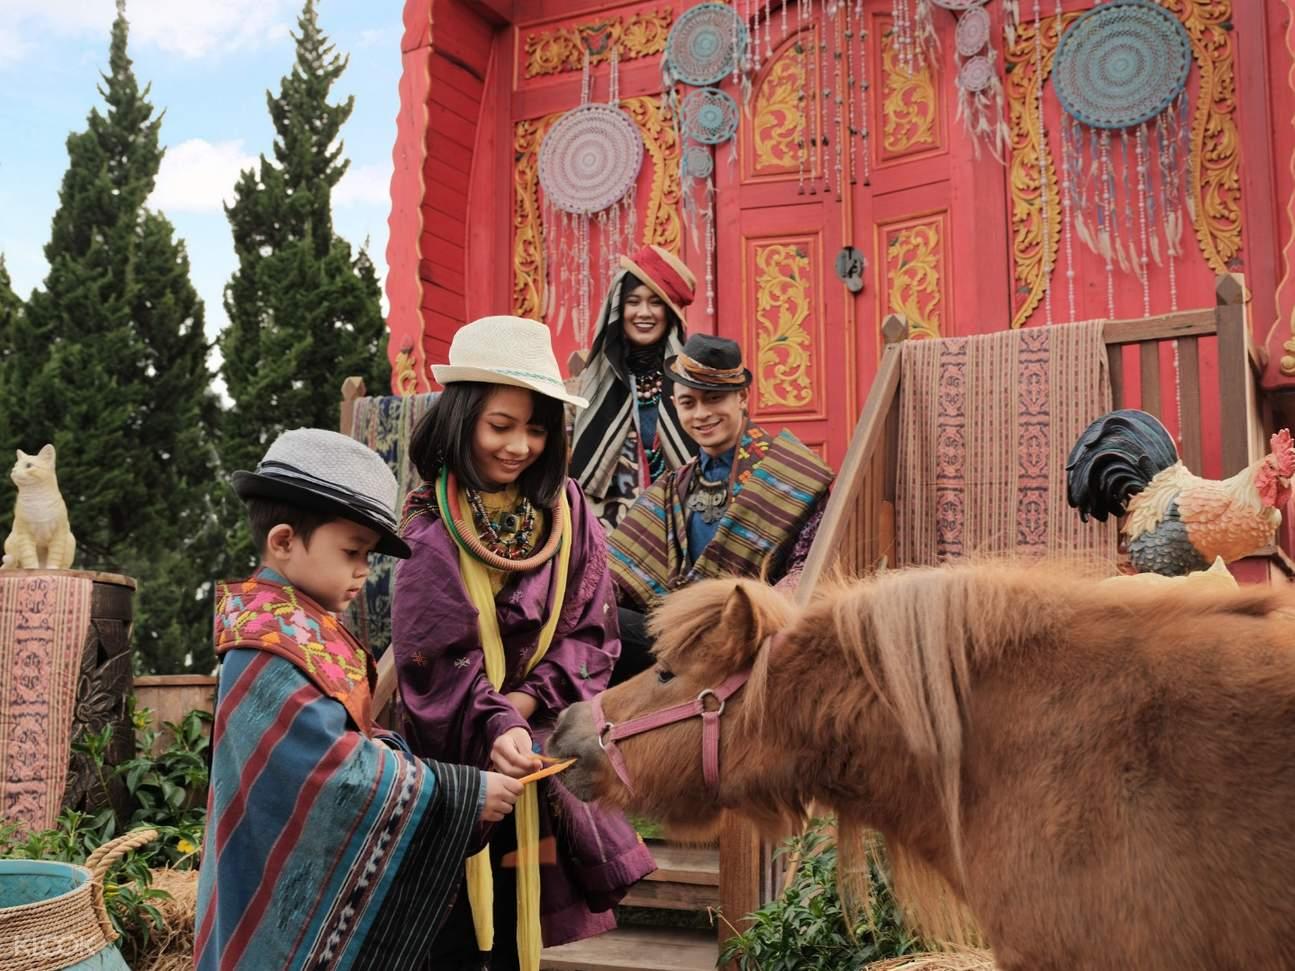 anak-anak memberi makan hewan di fairy garden bandung